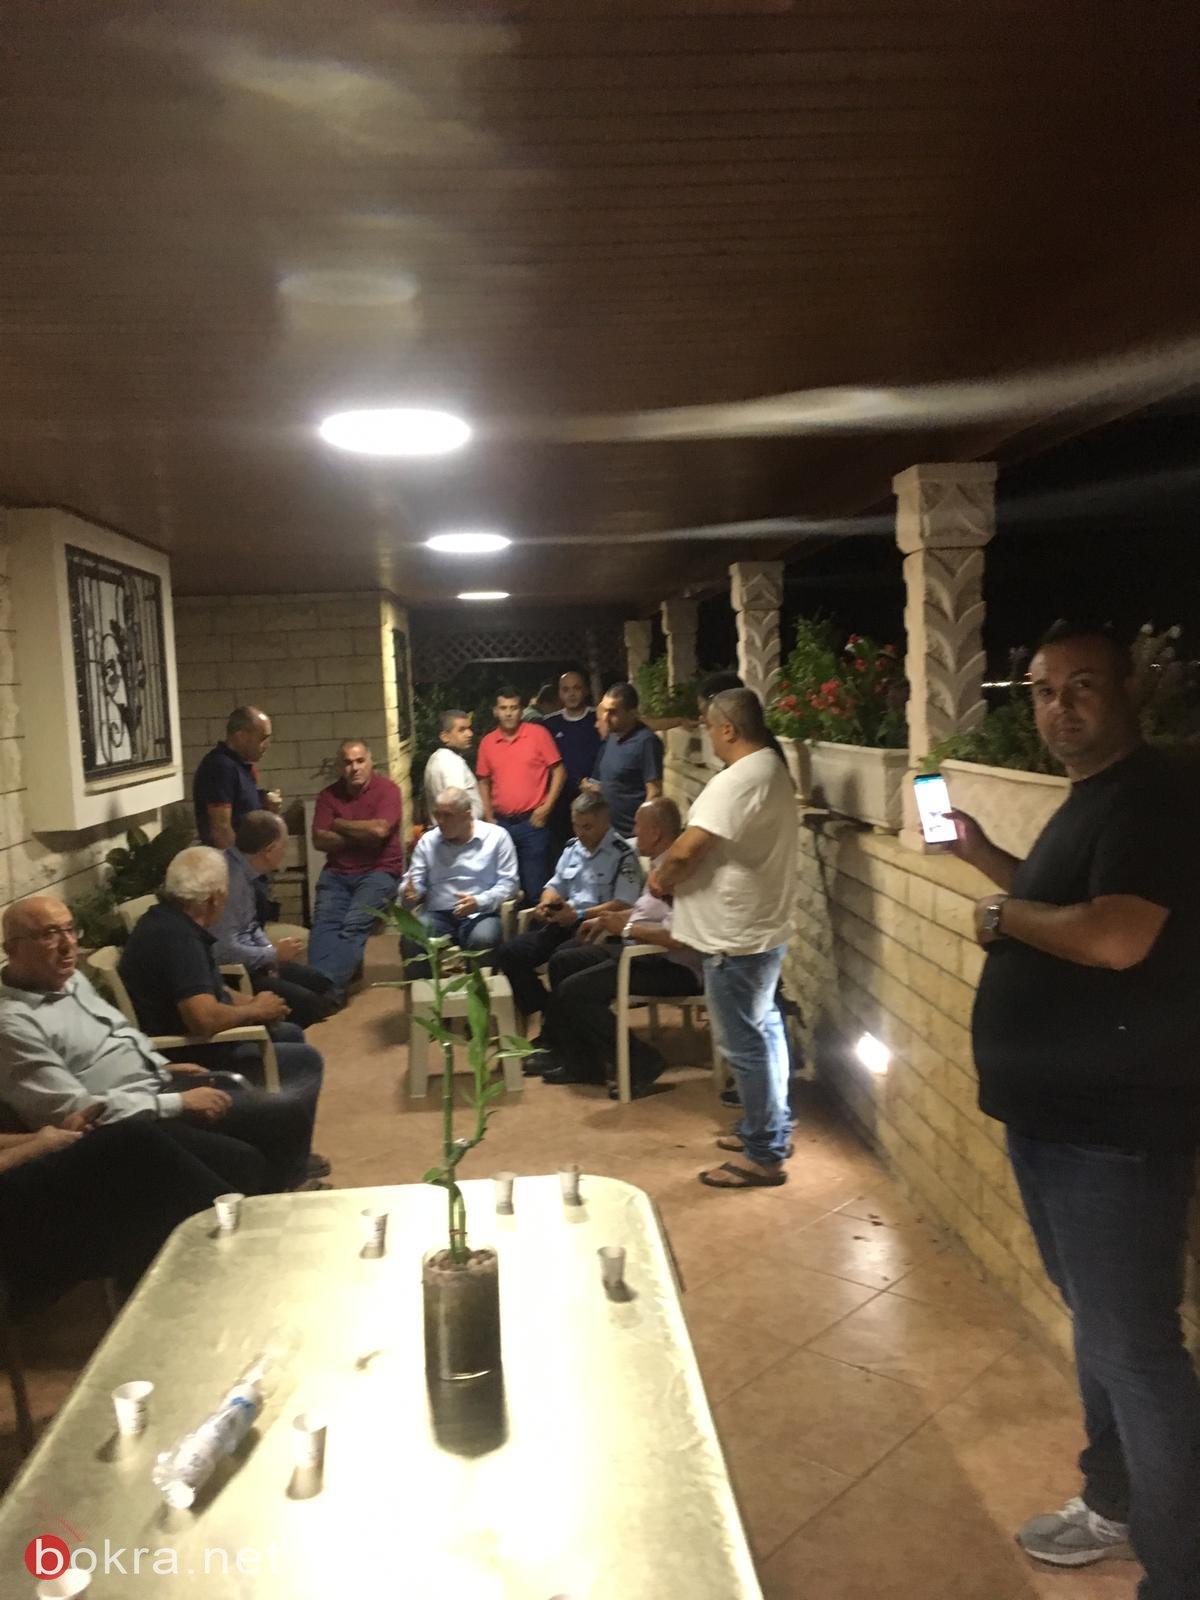 ليلة صاخبة في طمرة .. إطلاق نار قرب منزل رئيس البلدية وسطو مسلح بمحطة وقود